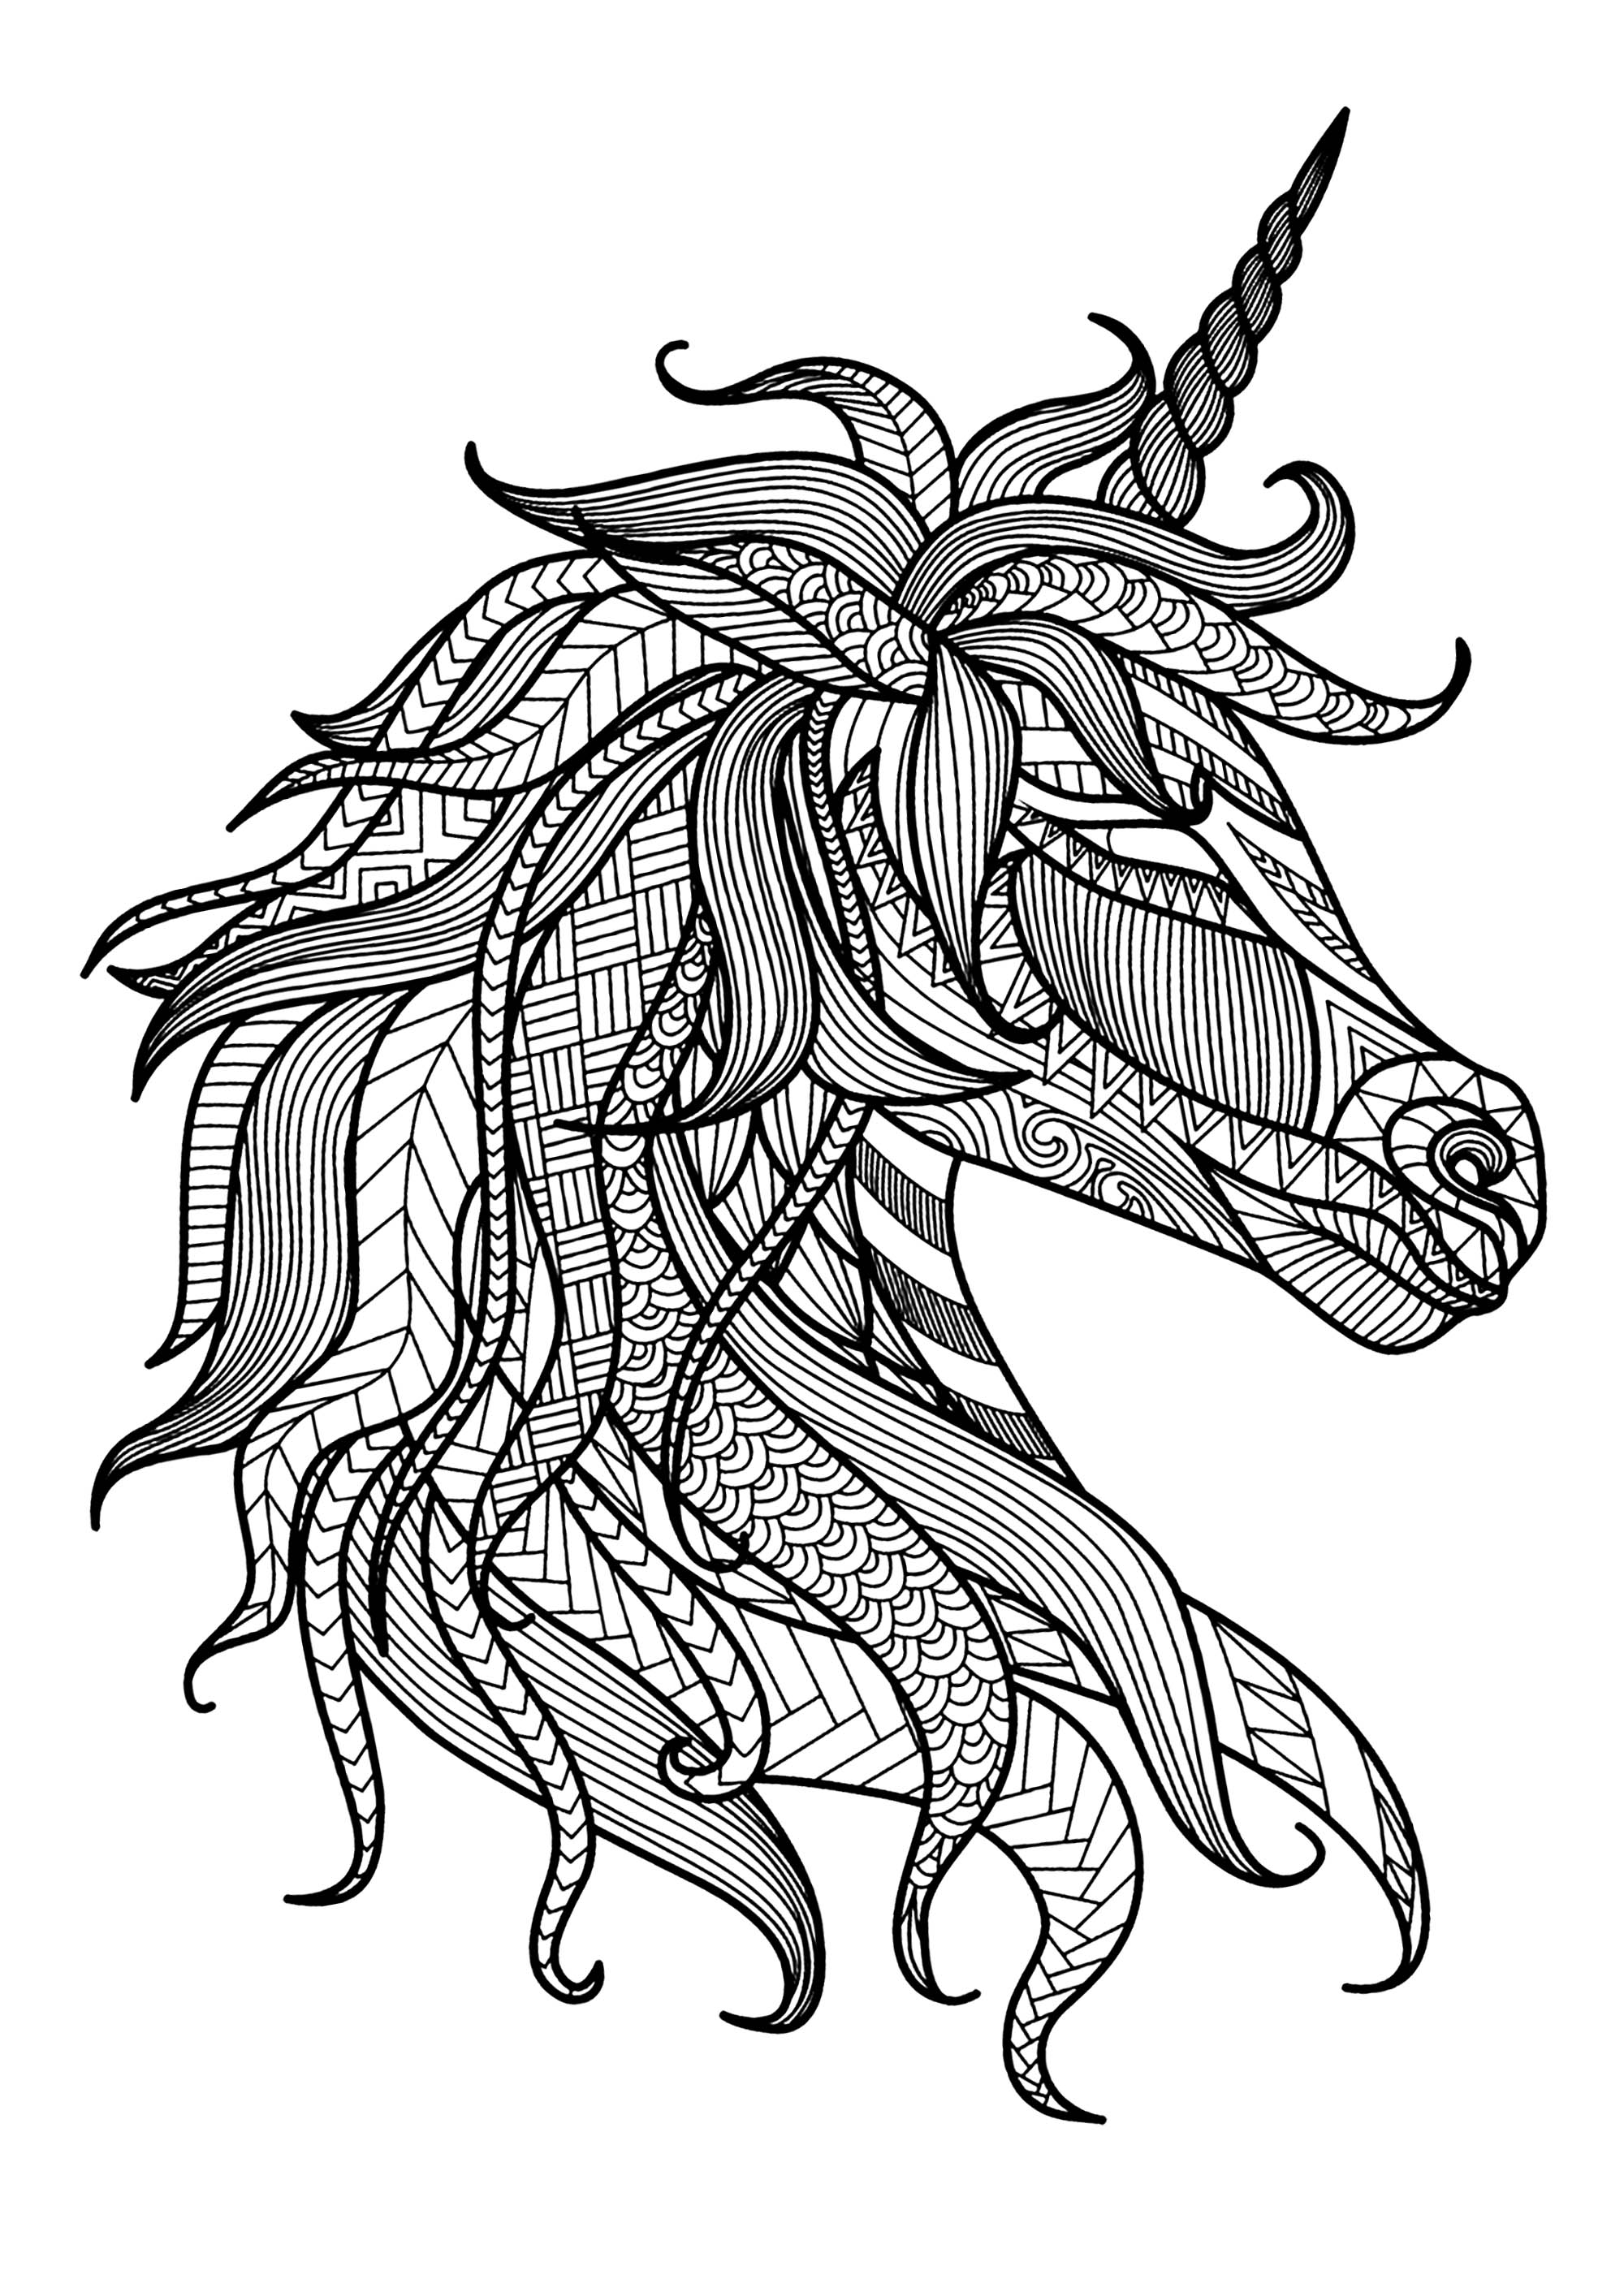 Disegni da Colorare per Adulti : Unicorni - 1